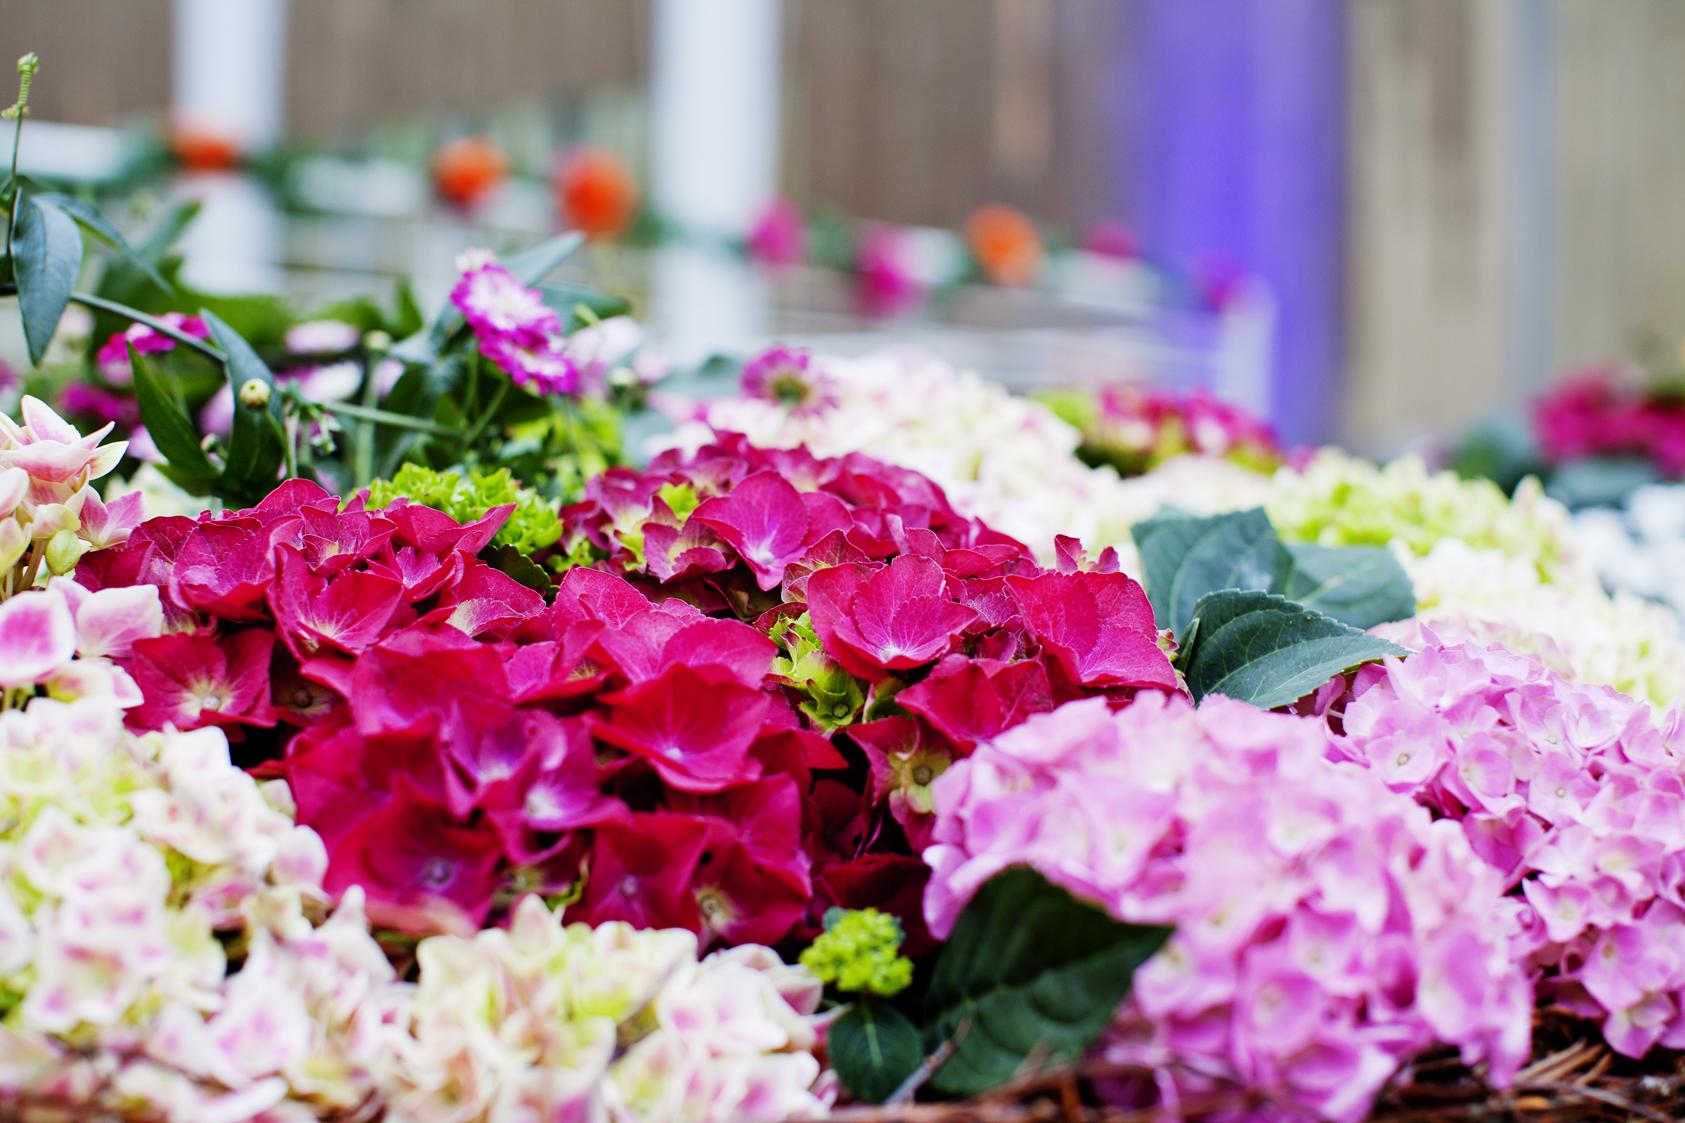 Tjuvholmen_blomsterdekor2.jpg